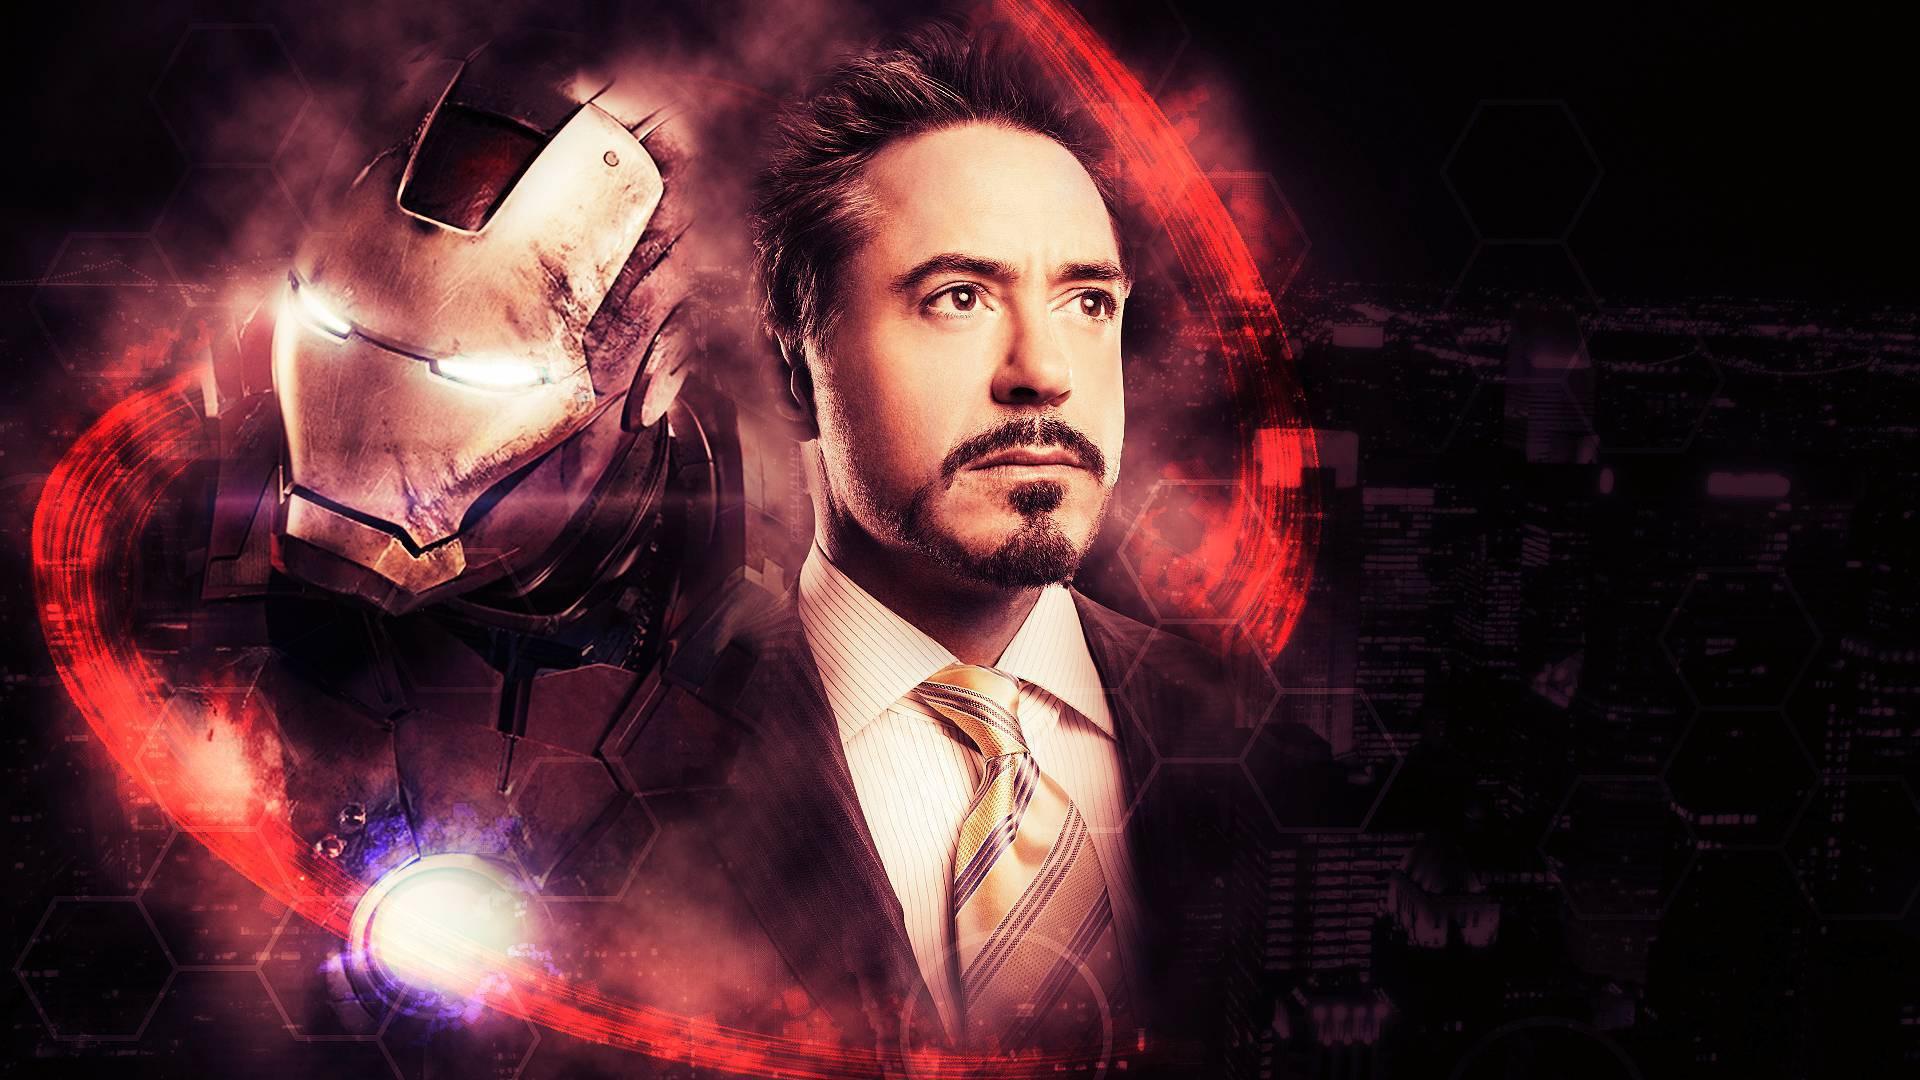 Tiết lộ tác giả câu thoại nổi tiếng I Love You 3000 của con gái Iron Man trong Endgame - Ảnh 1.